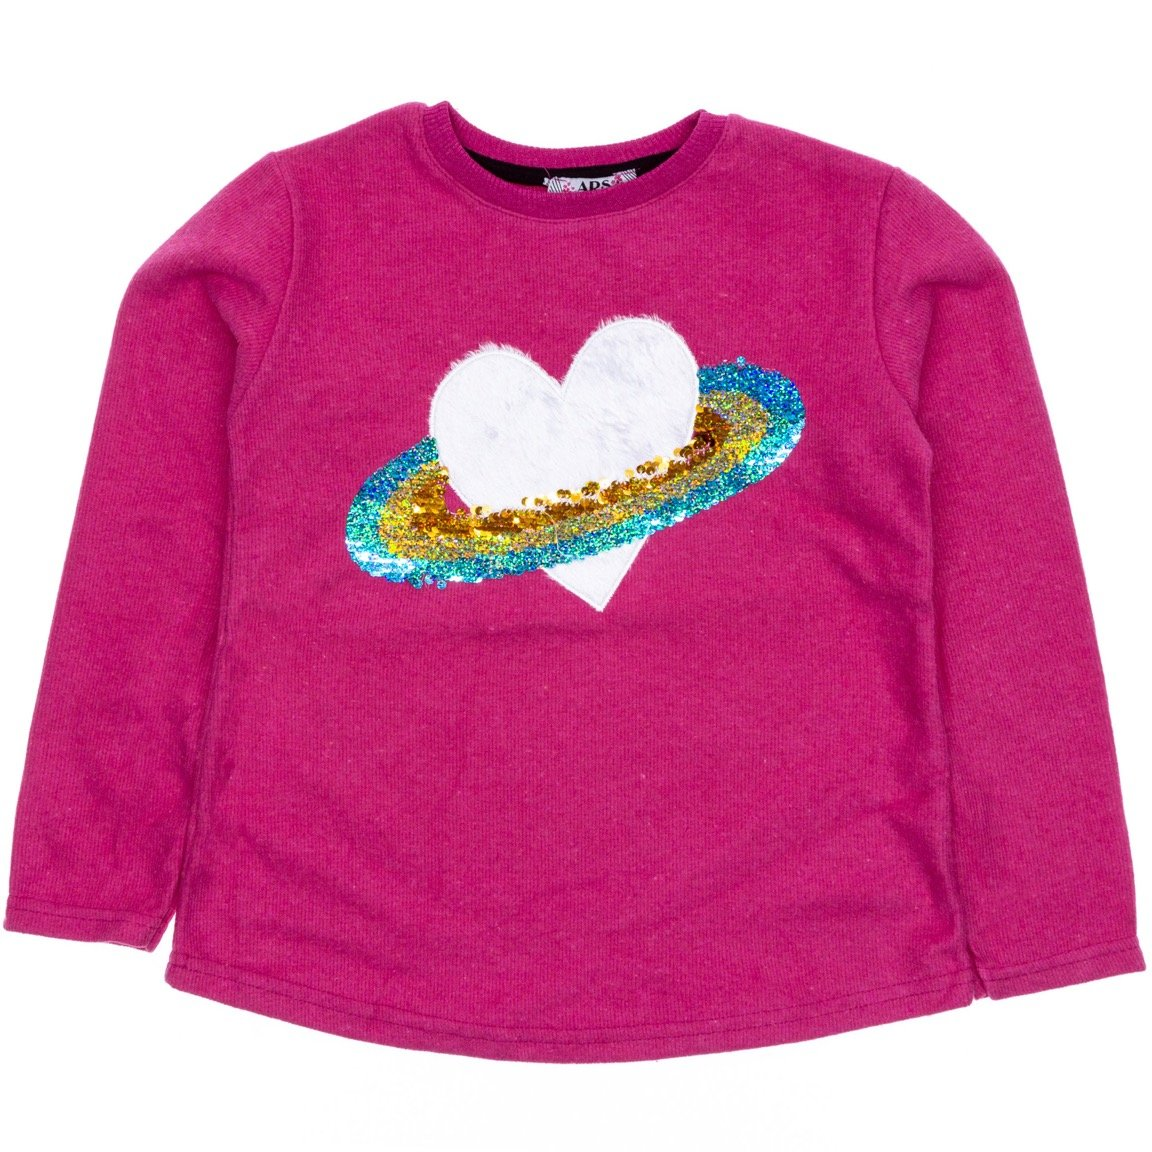 ARS παιδική μπλούζα «Planet Heart»